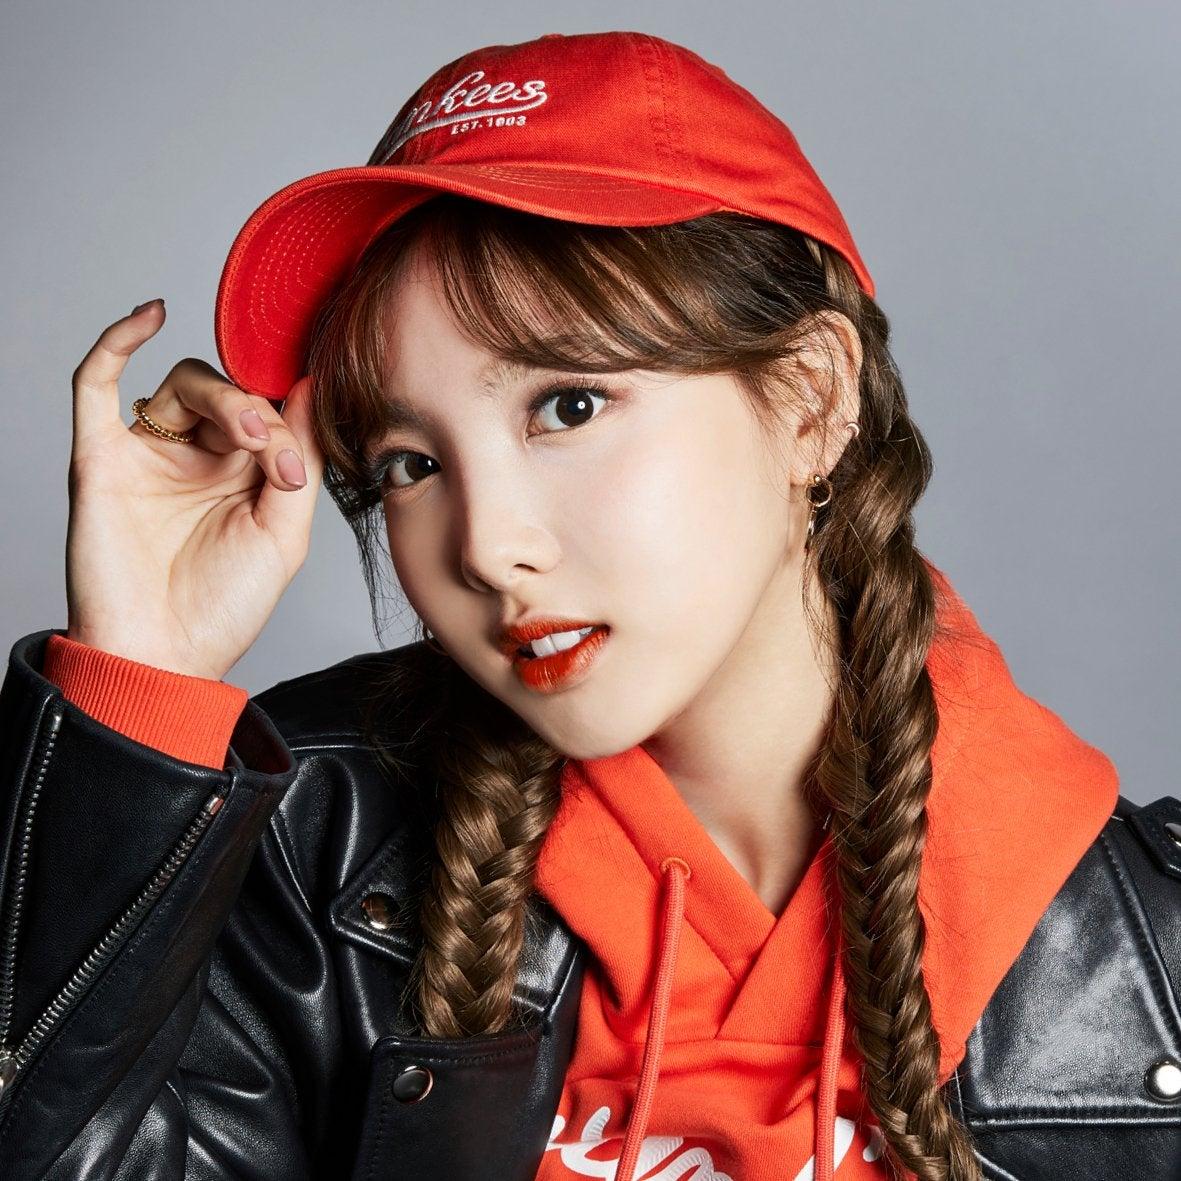 TWICEのメンバー(ナヨン、ジョンヨン、モモ、サナ、ジヒョ、ミナ、ダヒョン、チェヨン、ツウィ)が広報モデルを務めるスポーツカジュアルブランド『MLB  Korea』